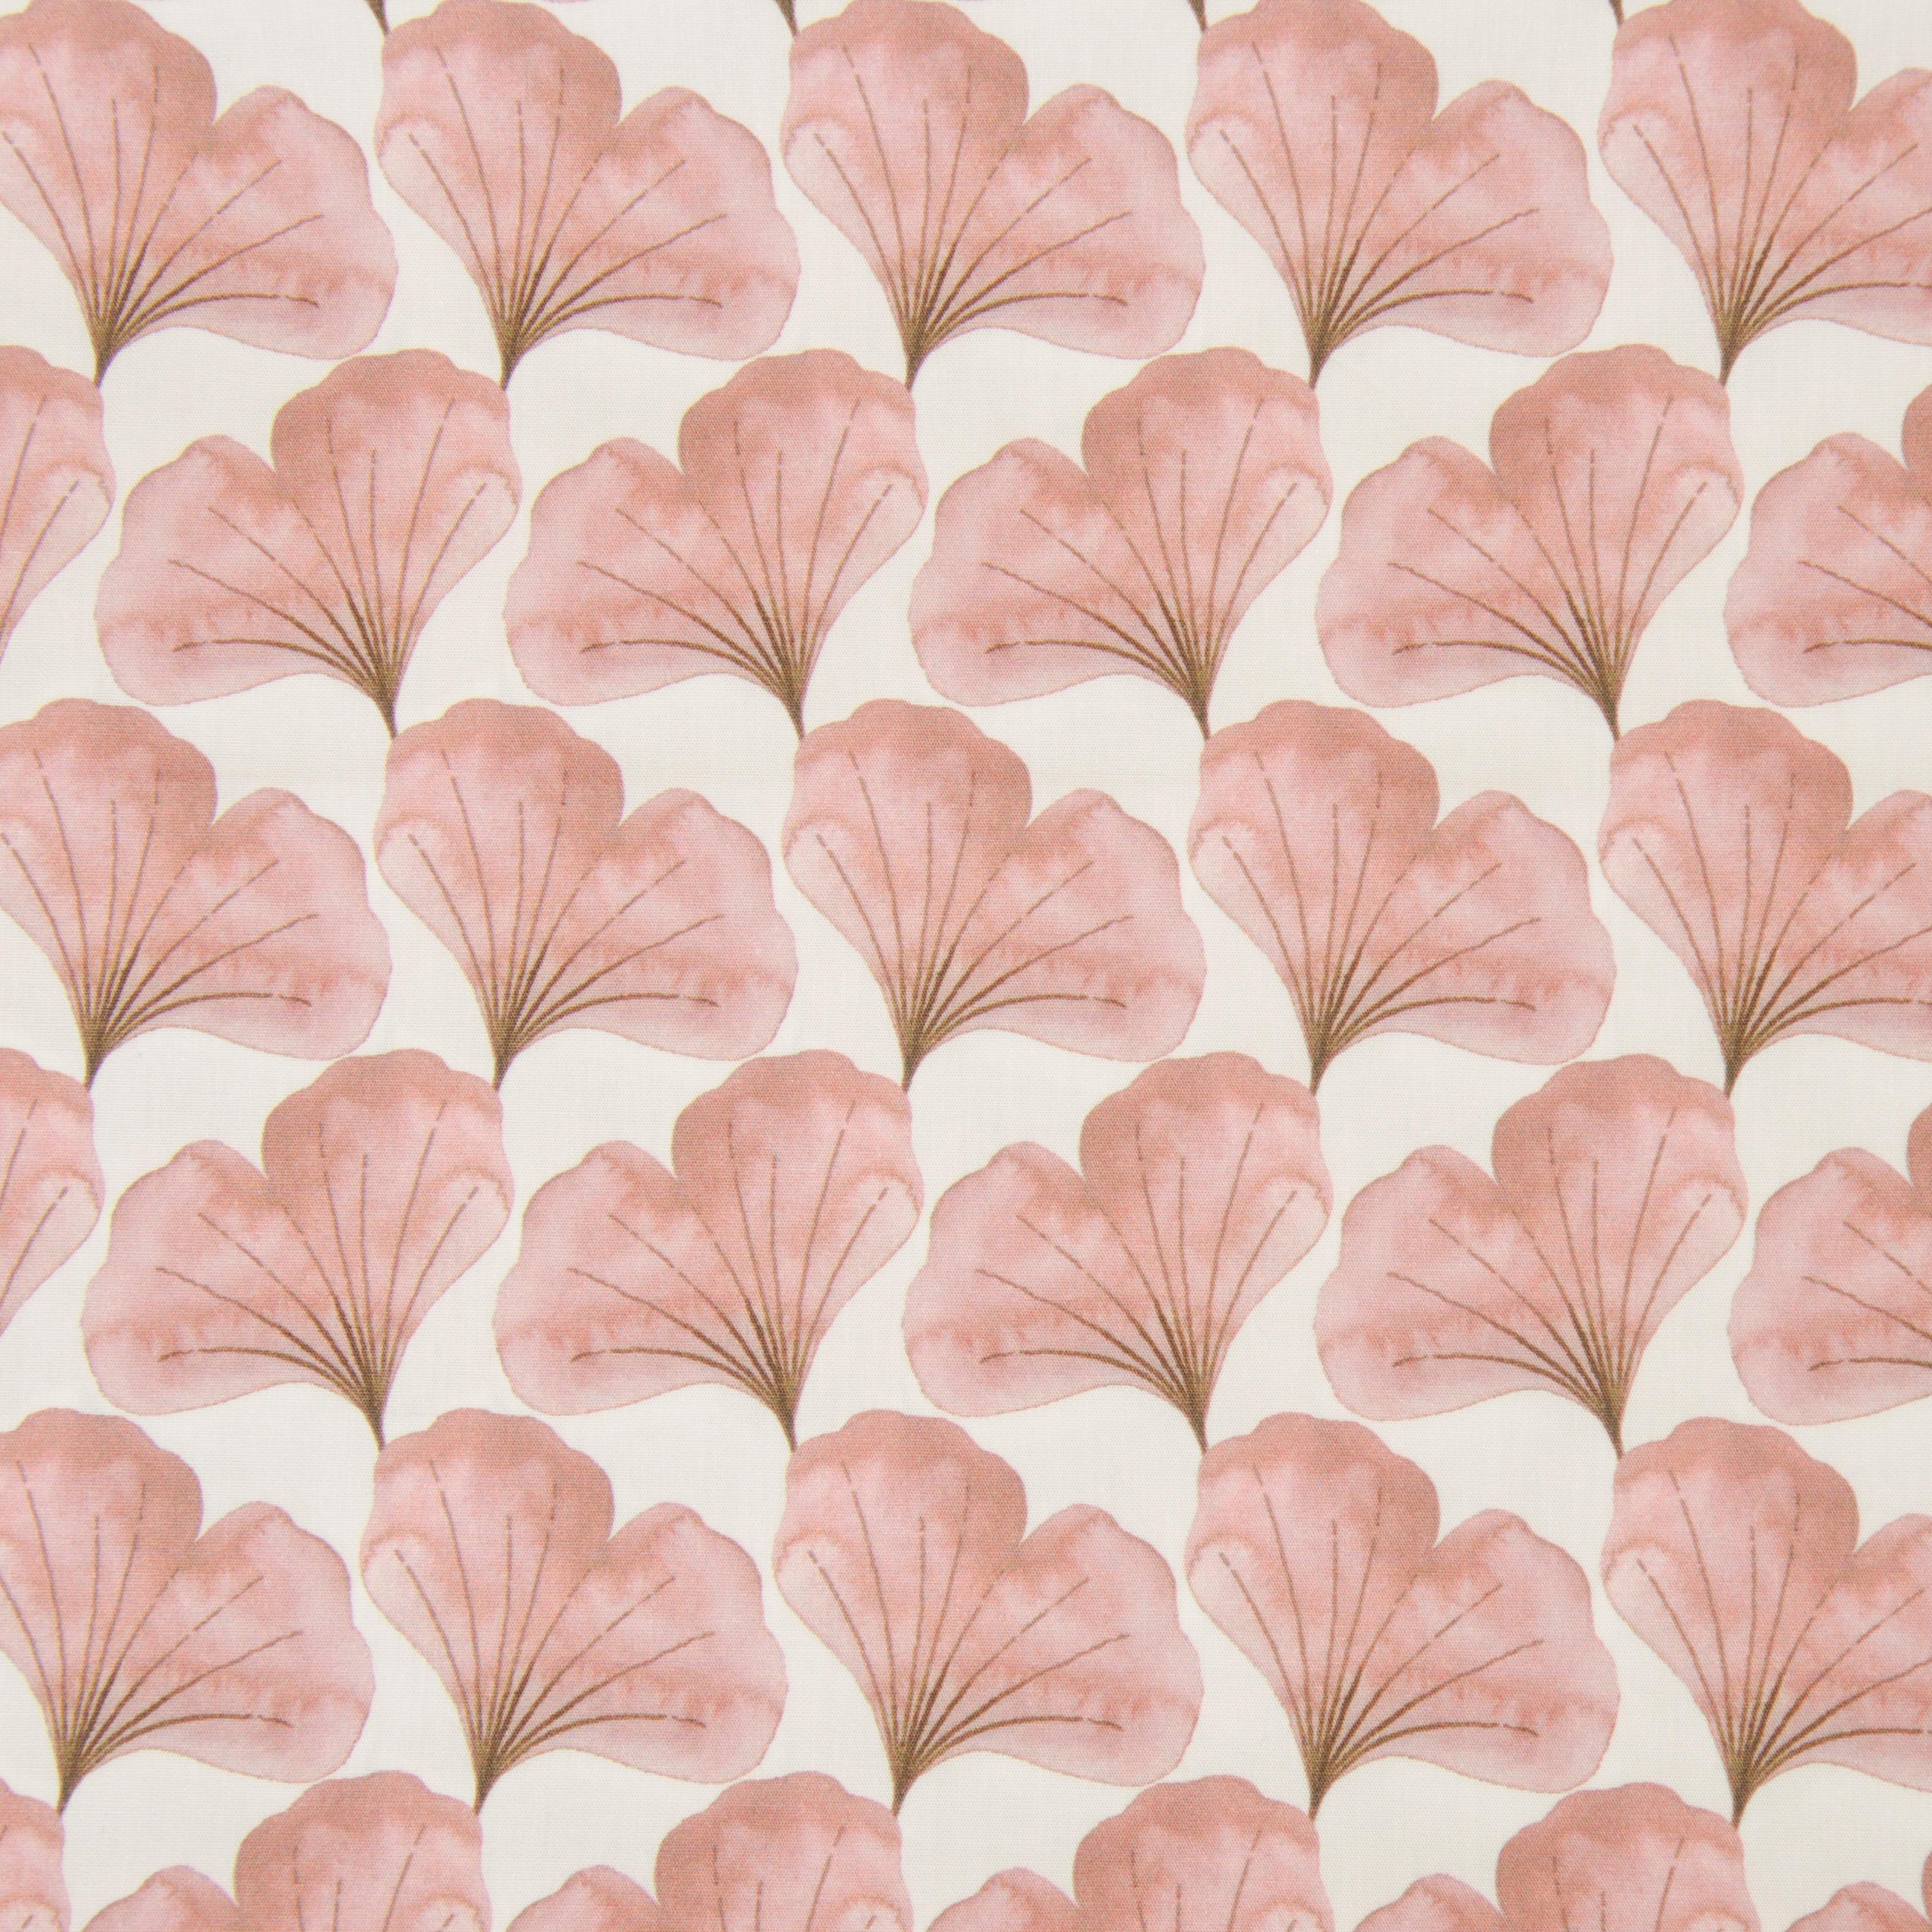 Jersey - Emilie Jersey in rosa von Hilco